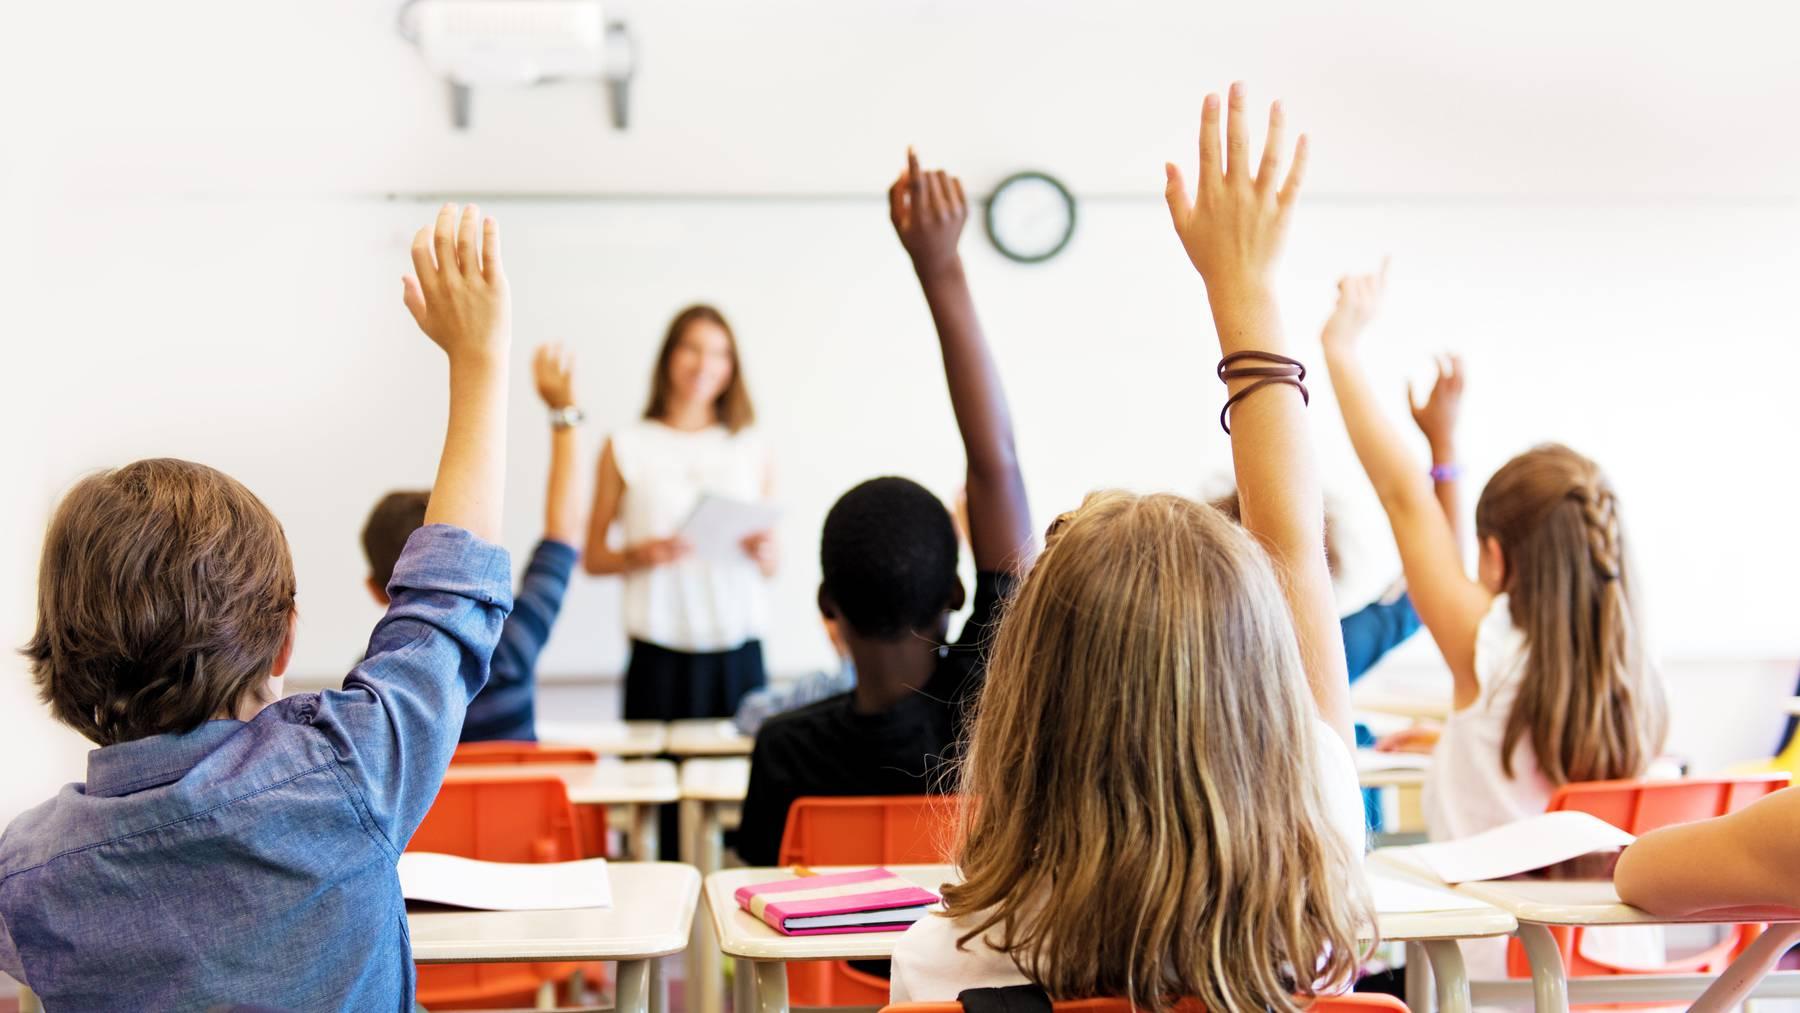 Die Hemmschwelle der Eltern gegenüber den Lehrern ist tiefer geworden. (Symbolbild)